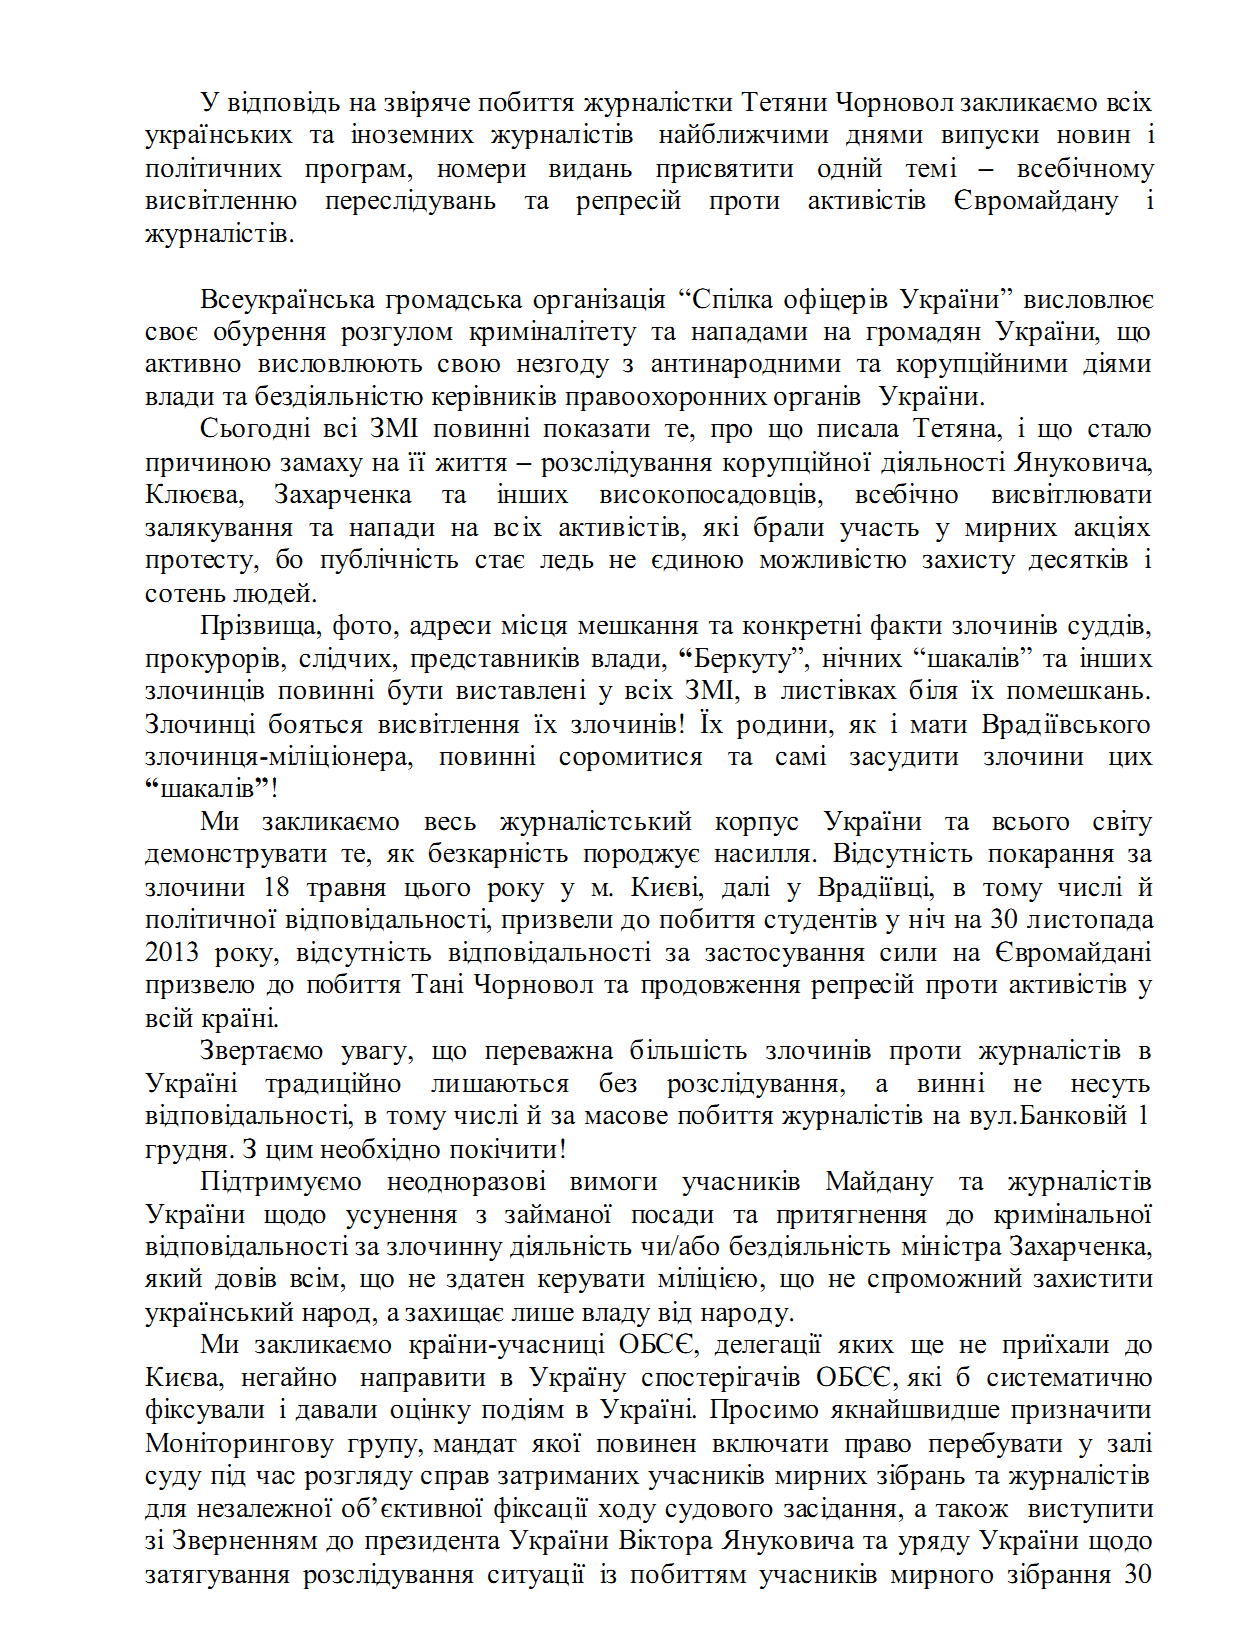 zaiava chornovol 2